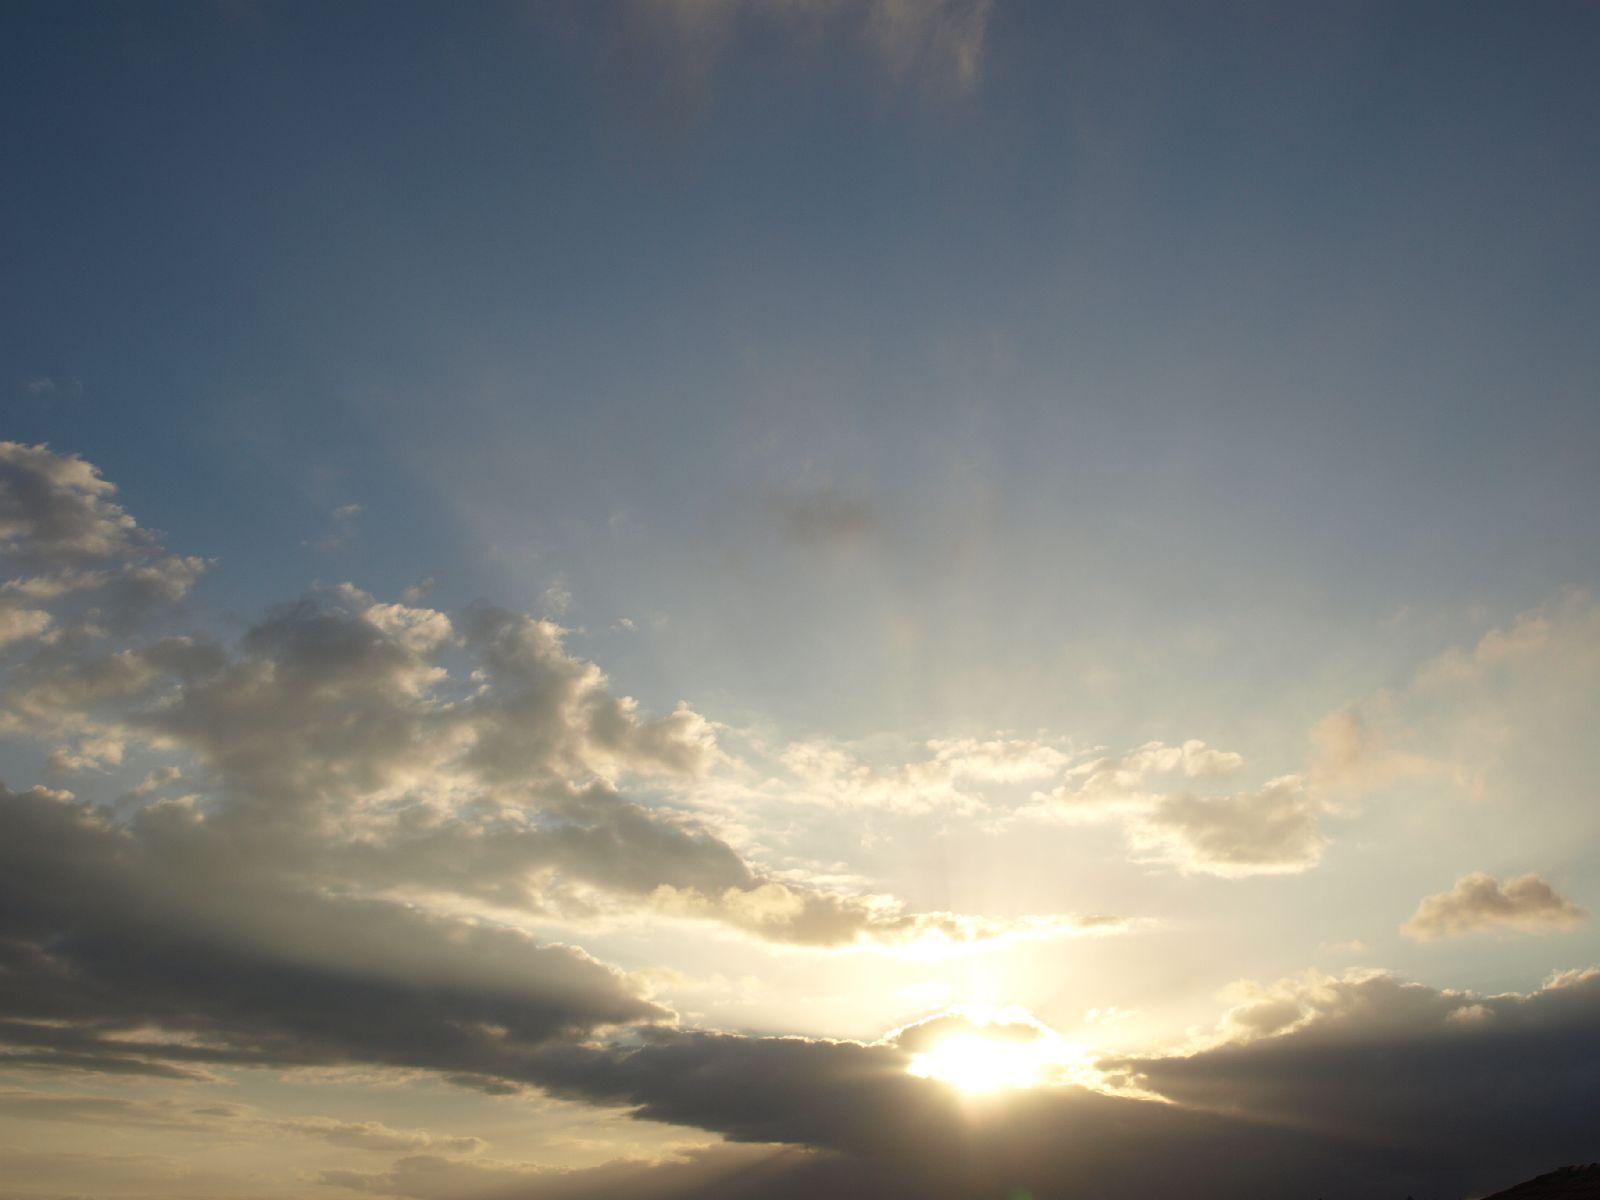 Himmel-Wolken-Foto_Textur_A_P5224442